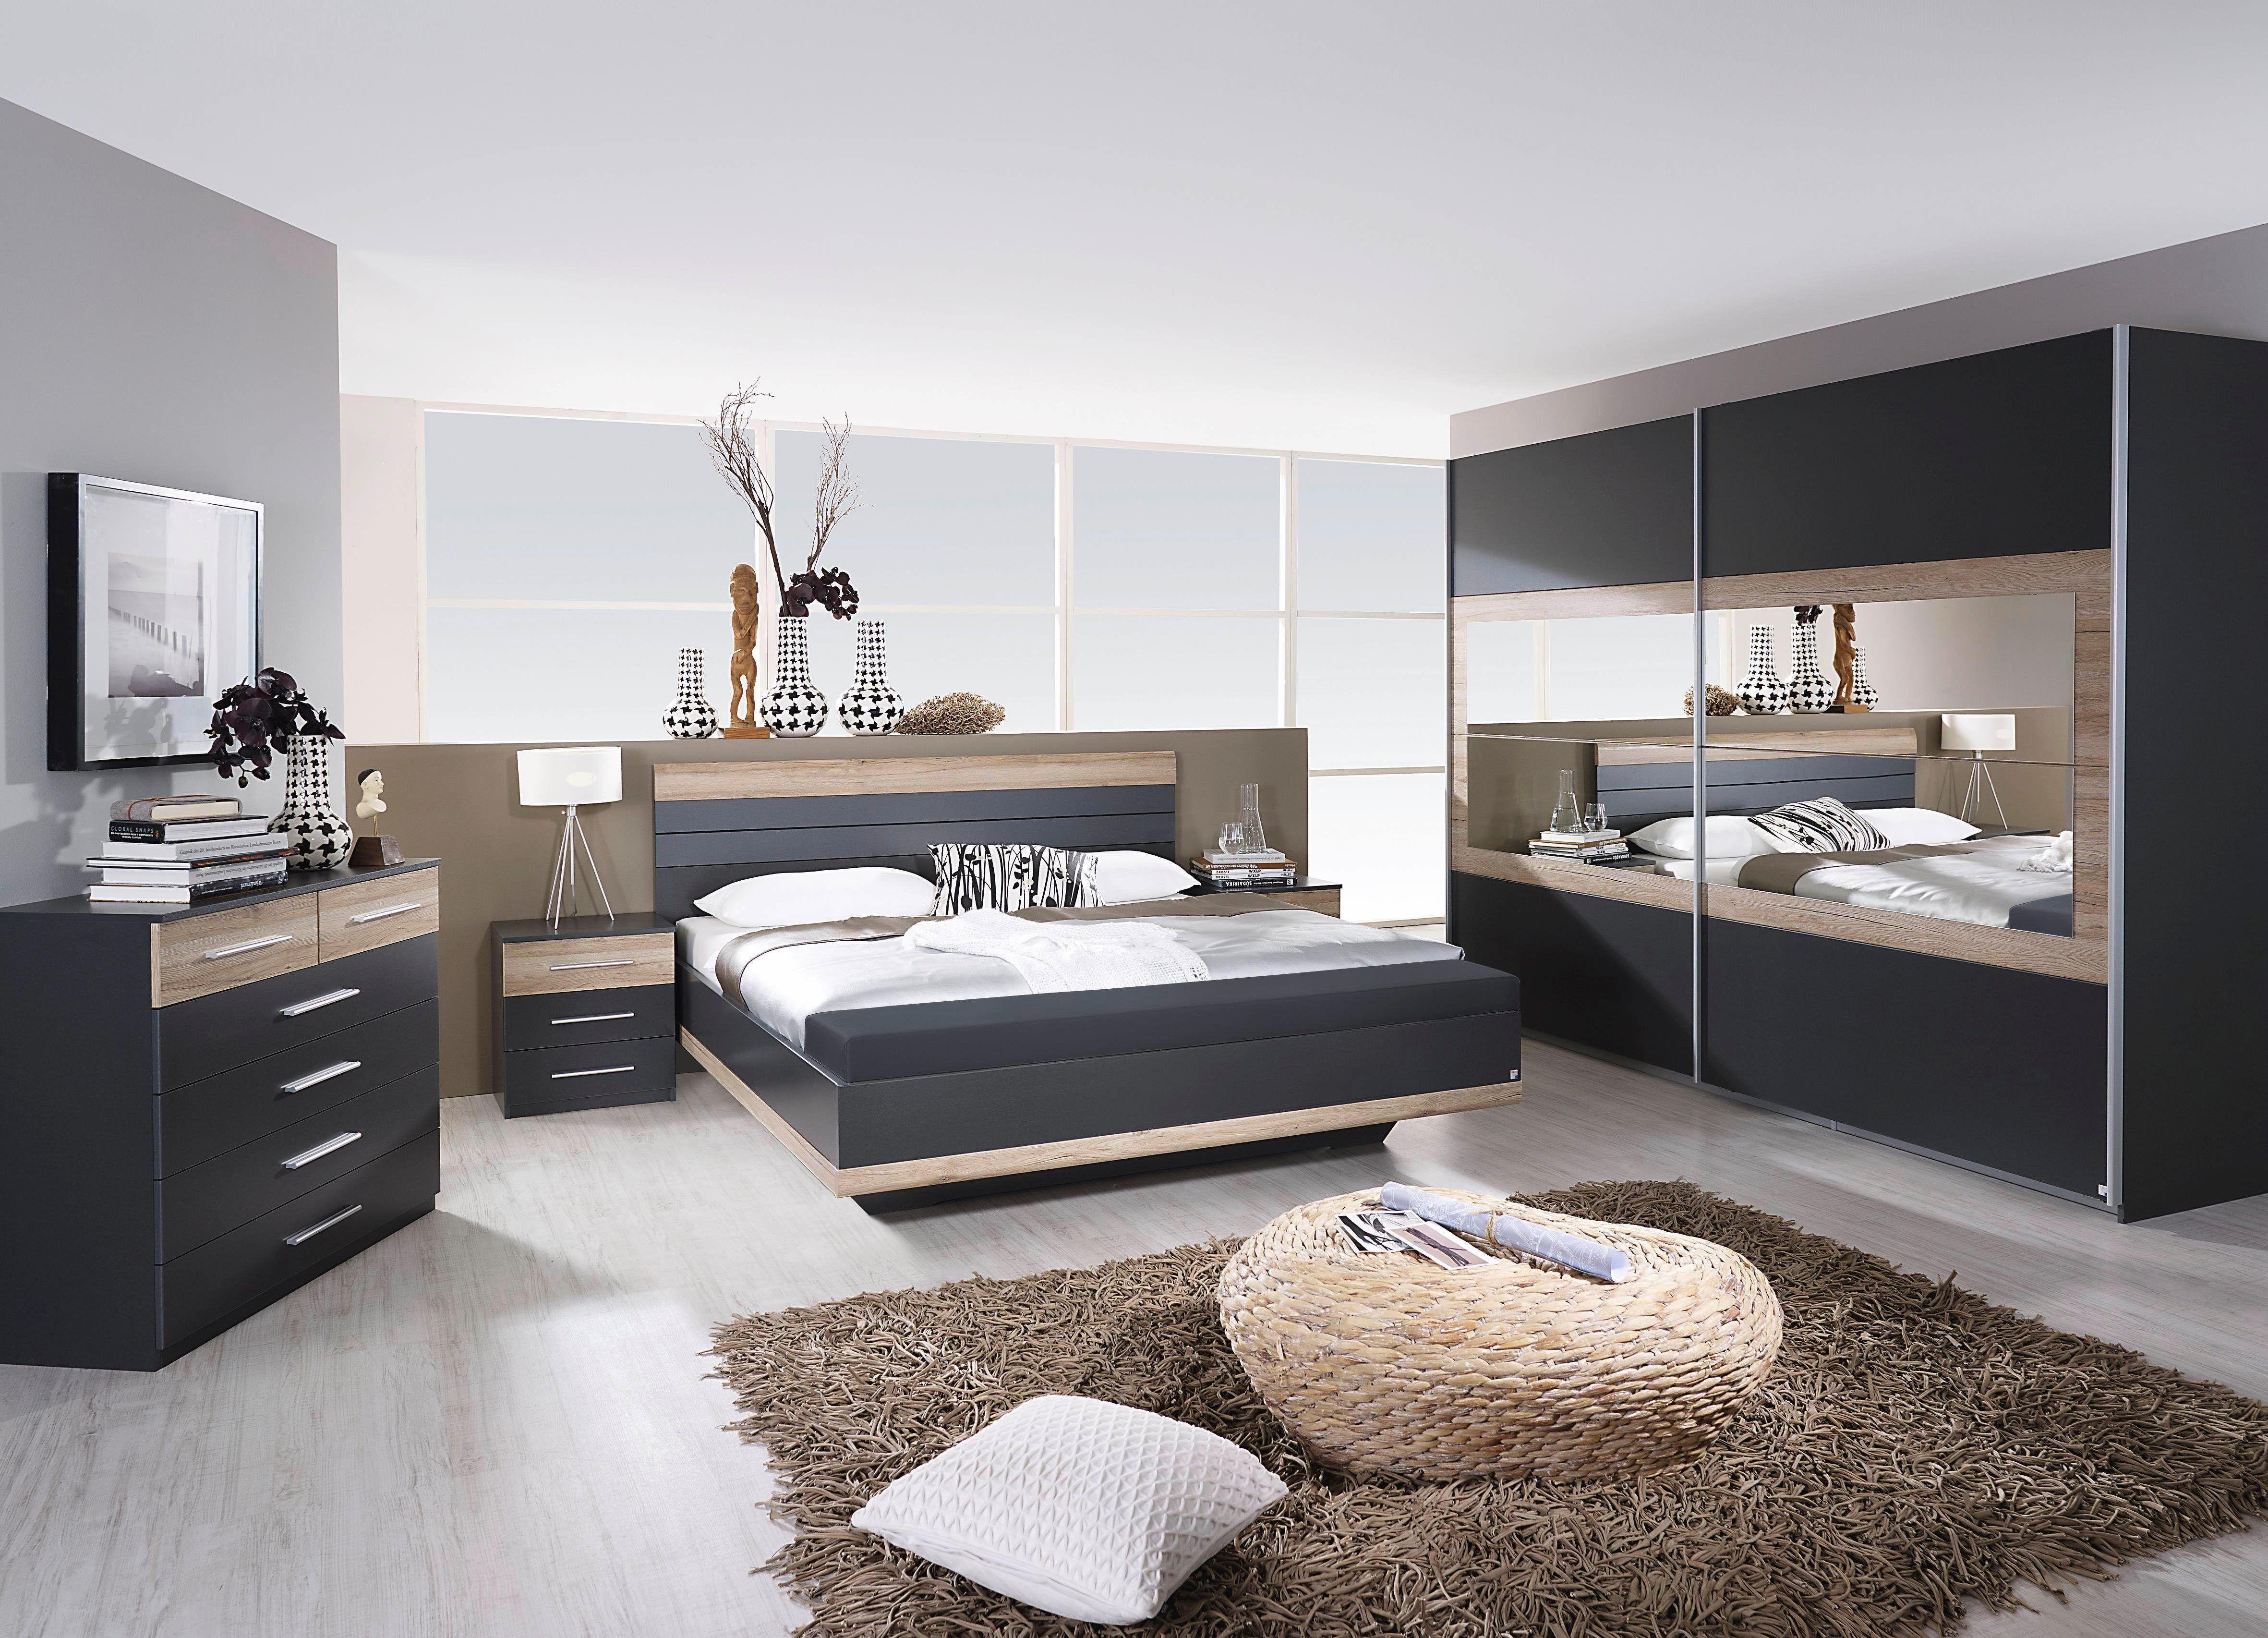 Schlafzimmer Billig ~ Die besten schlafzimmer set günstig ideen auf